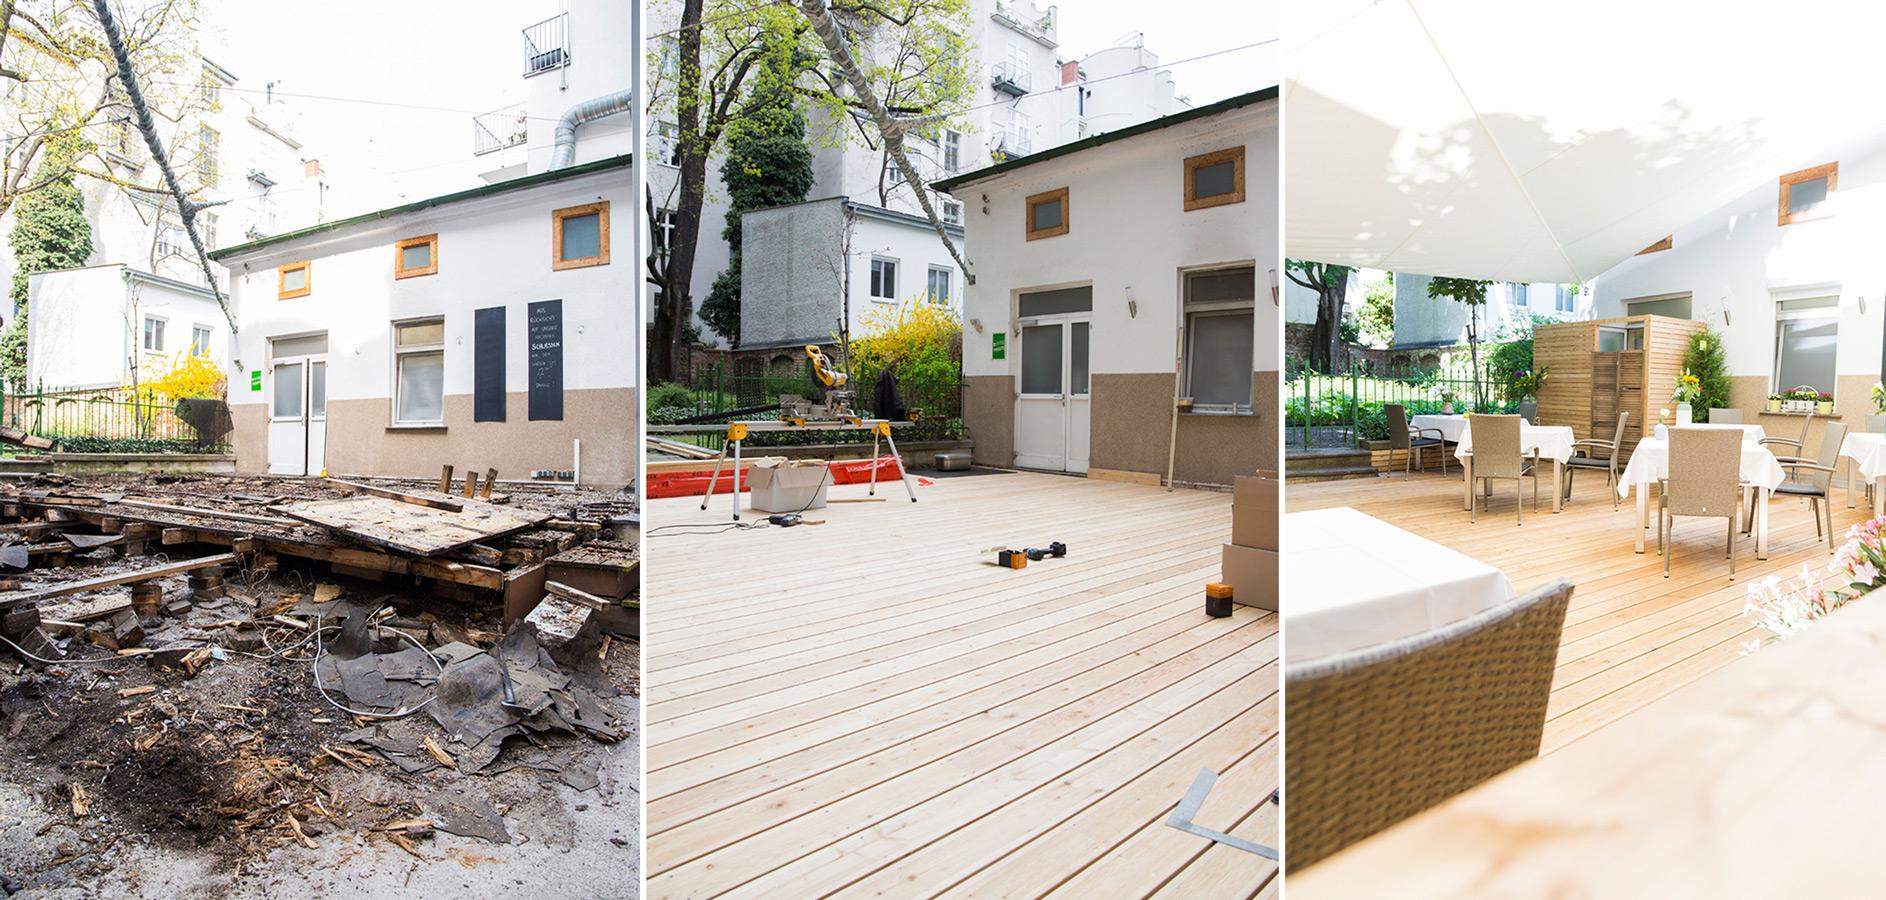 Foto vom Baufortschritt des Lokals Fuhrmann in Wien, 2019